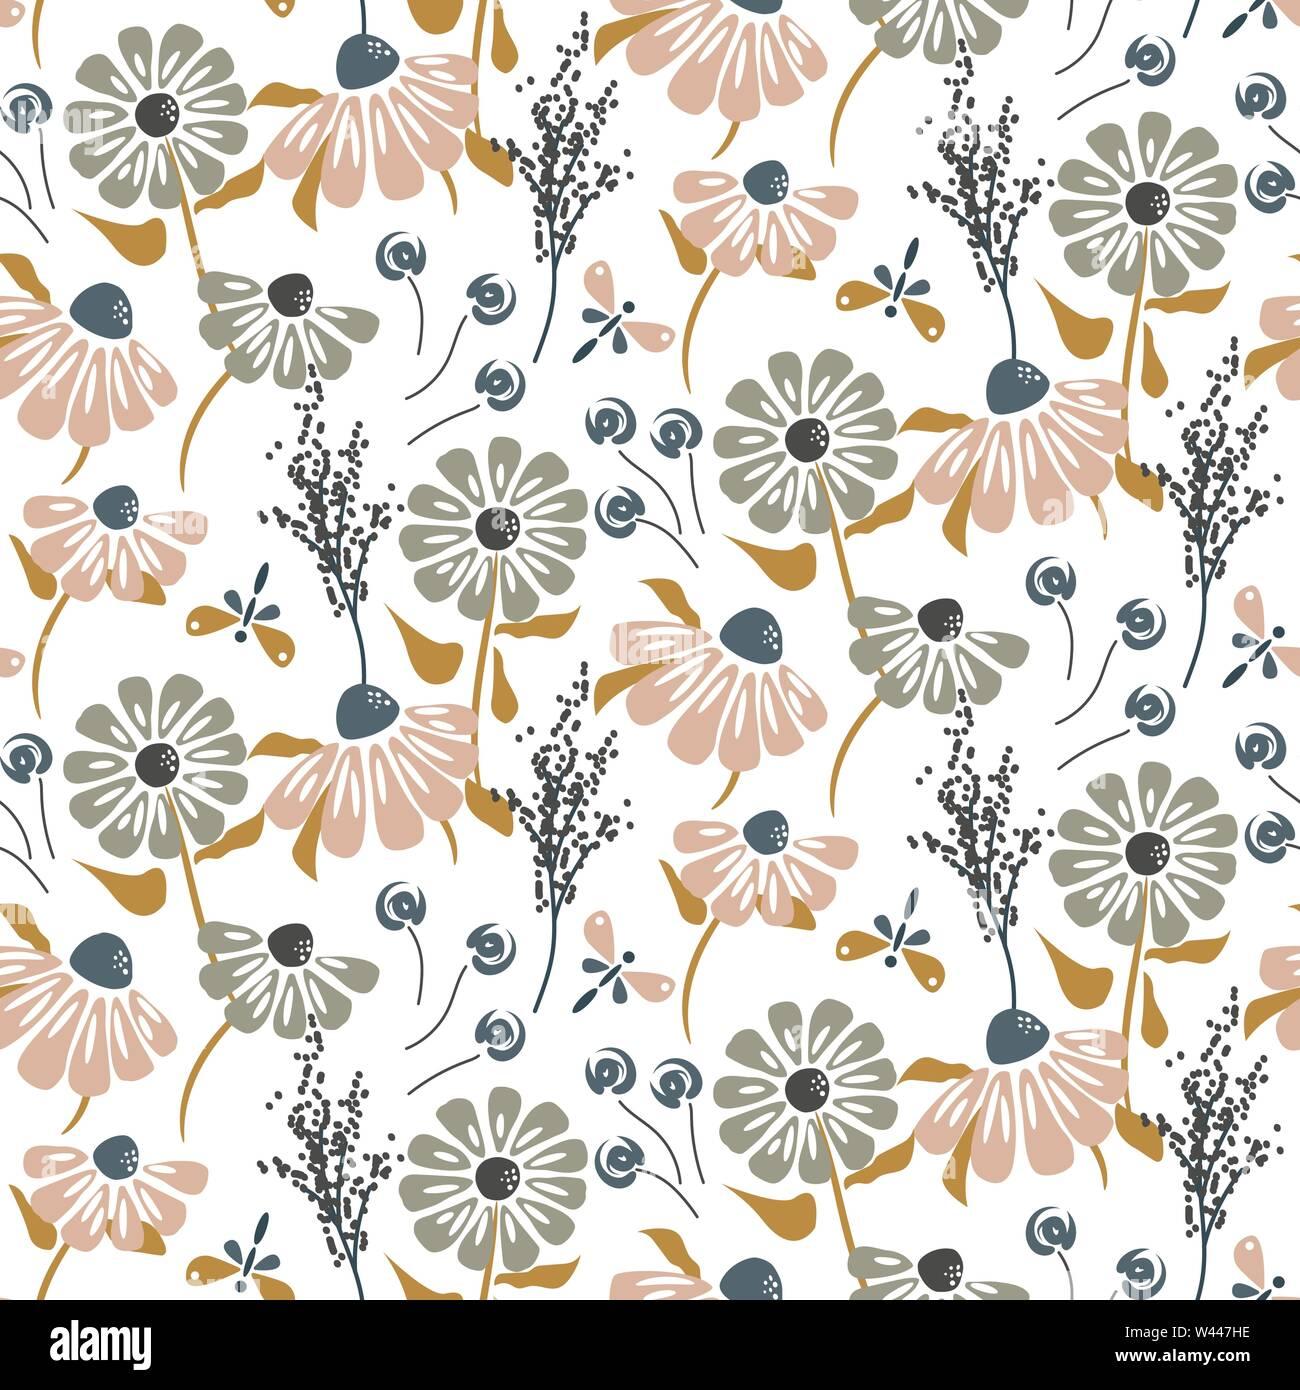 Flores rústico vintage colores pastel seamless vector patrón. Imagen De Stock